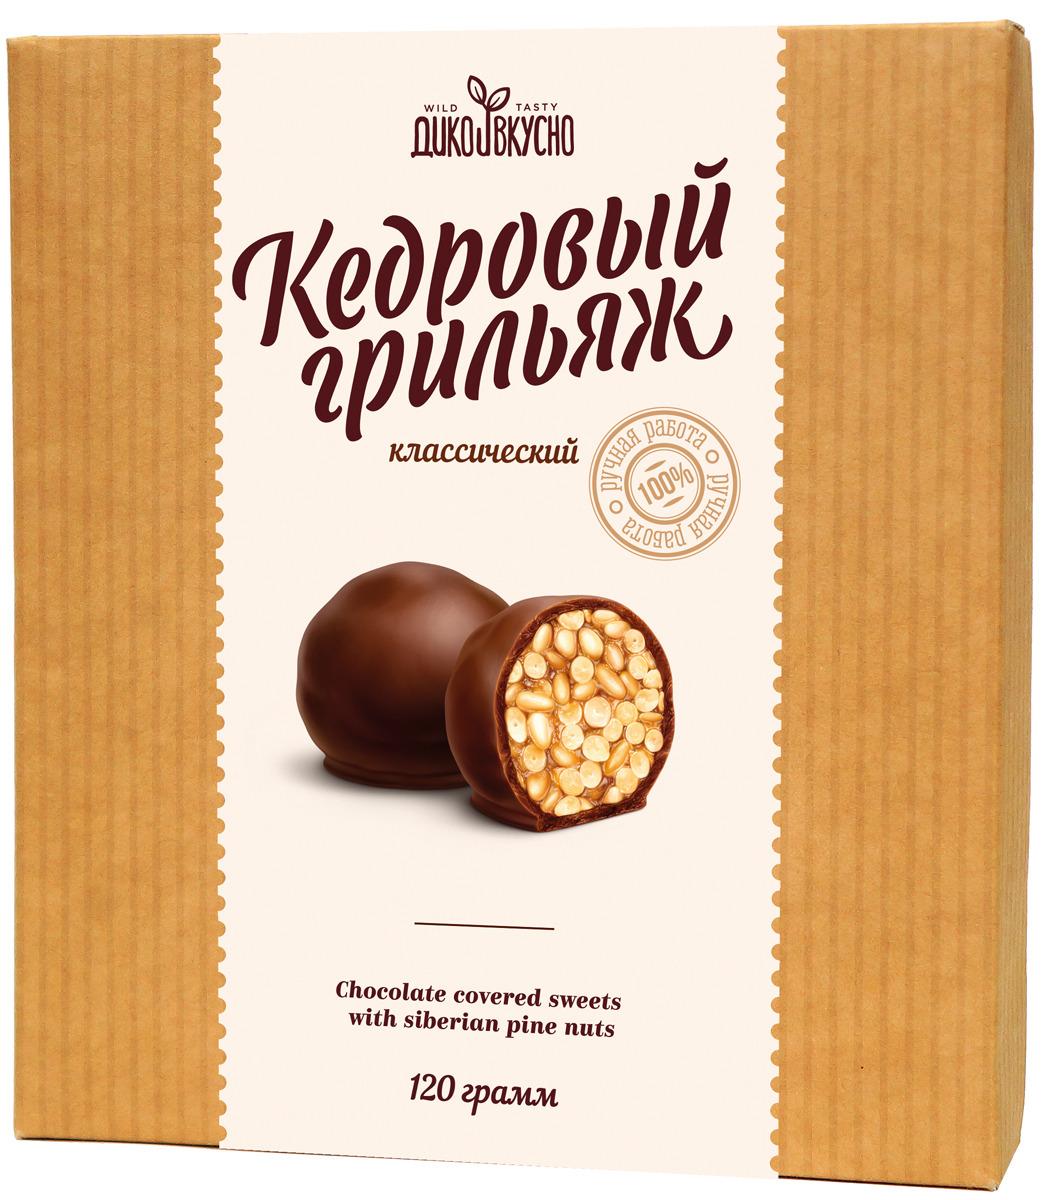 Грильяж Дико Вкусно классический, кедровый в шоколадной глазури, 13 г х 9 шт, 120 г дико вкусно грильяж кедровый в шоколадной глазури классический 13 г х 9 шт 120 г